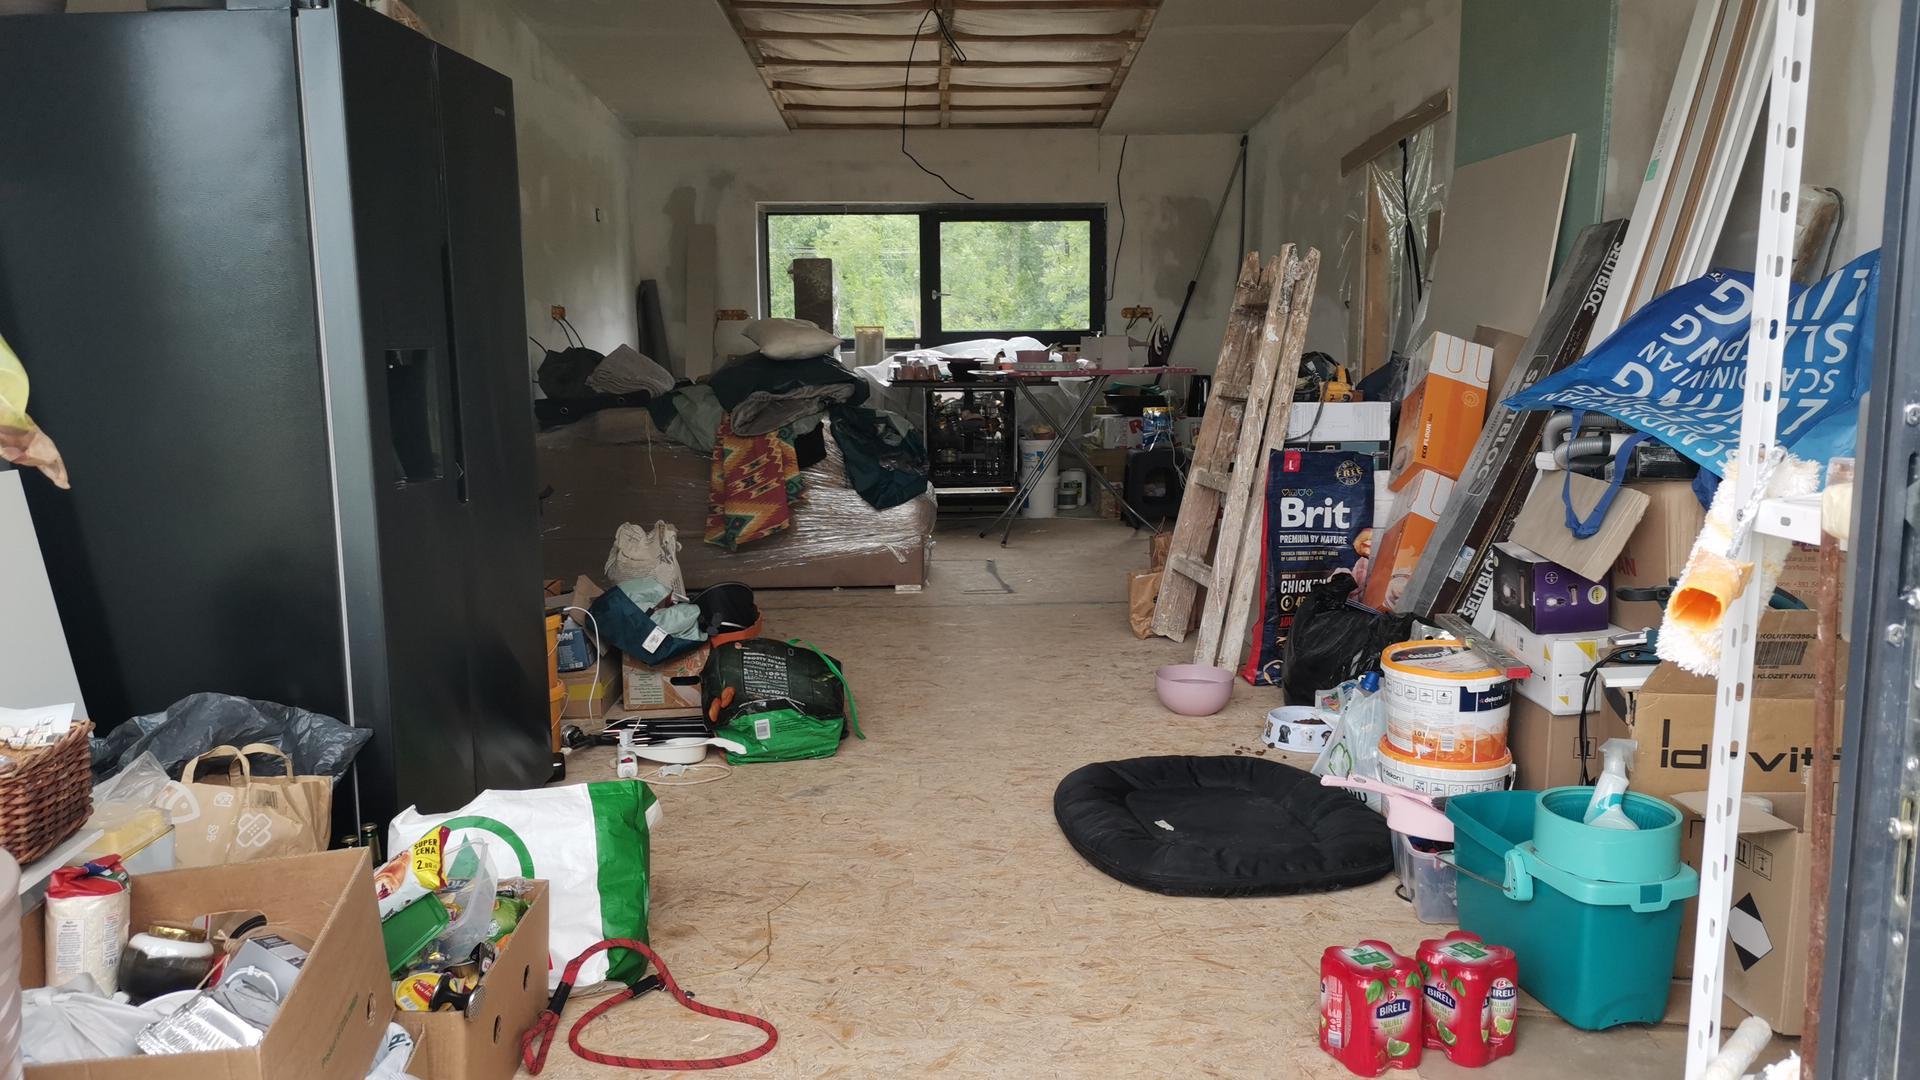 Jak bydlet za 3 měsíce - Před týdnem